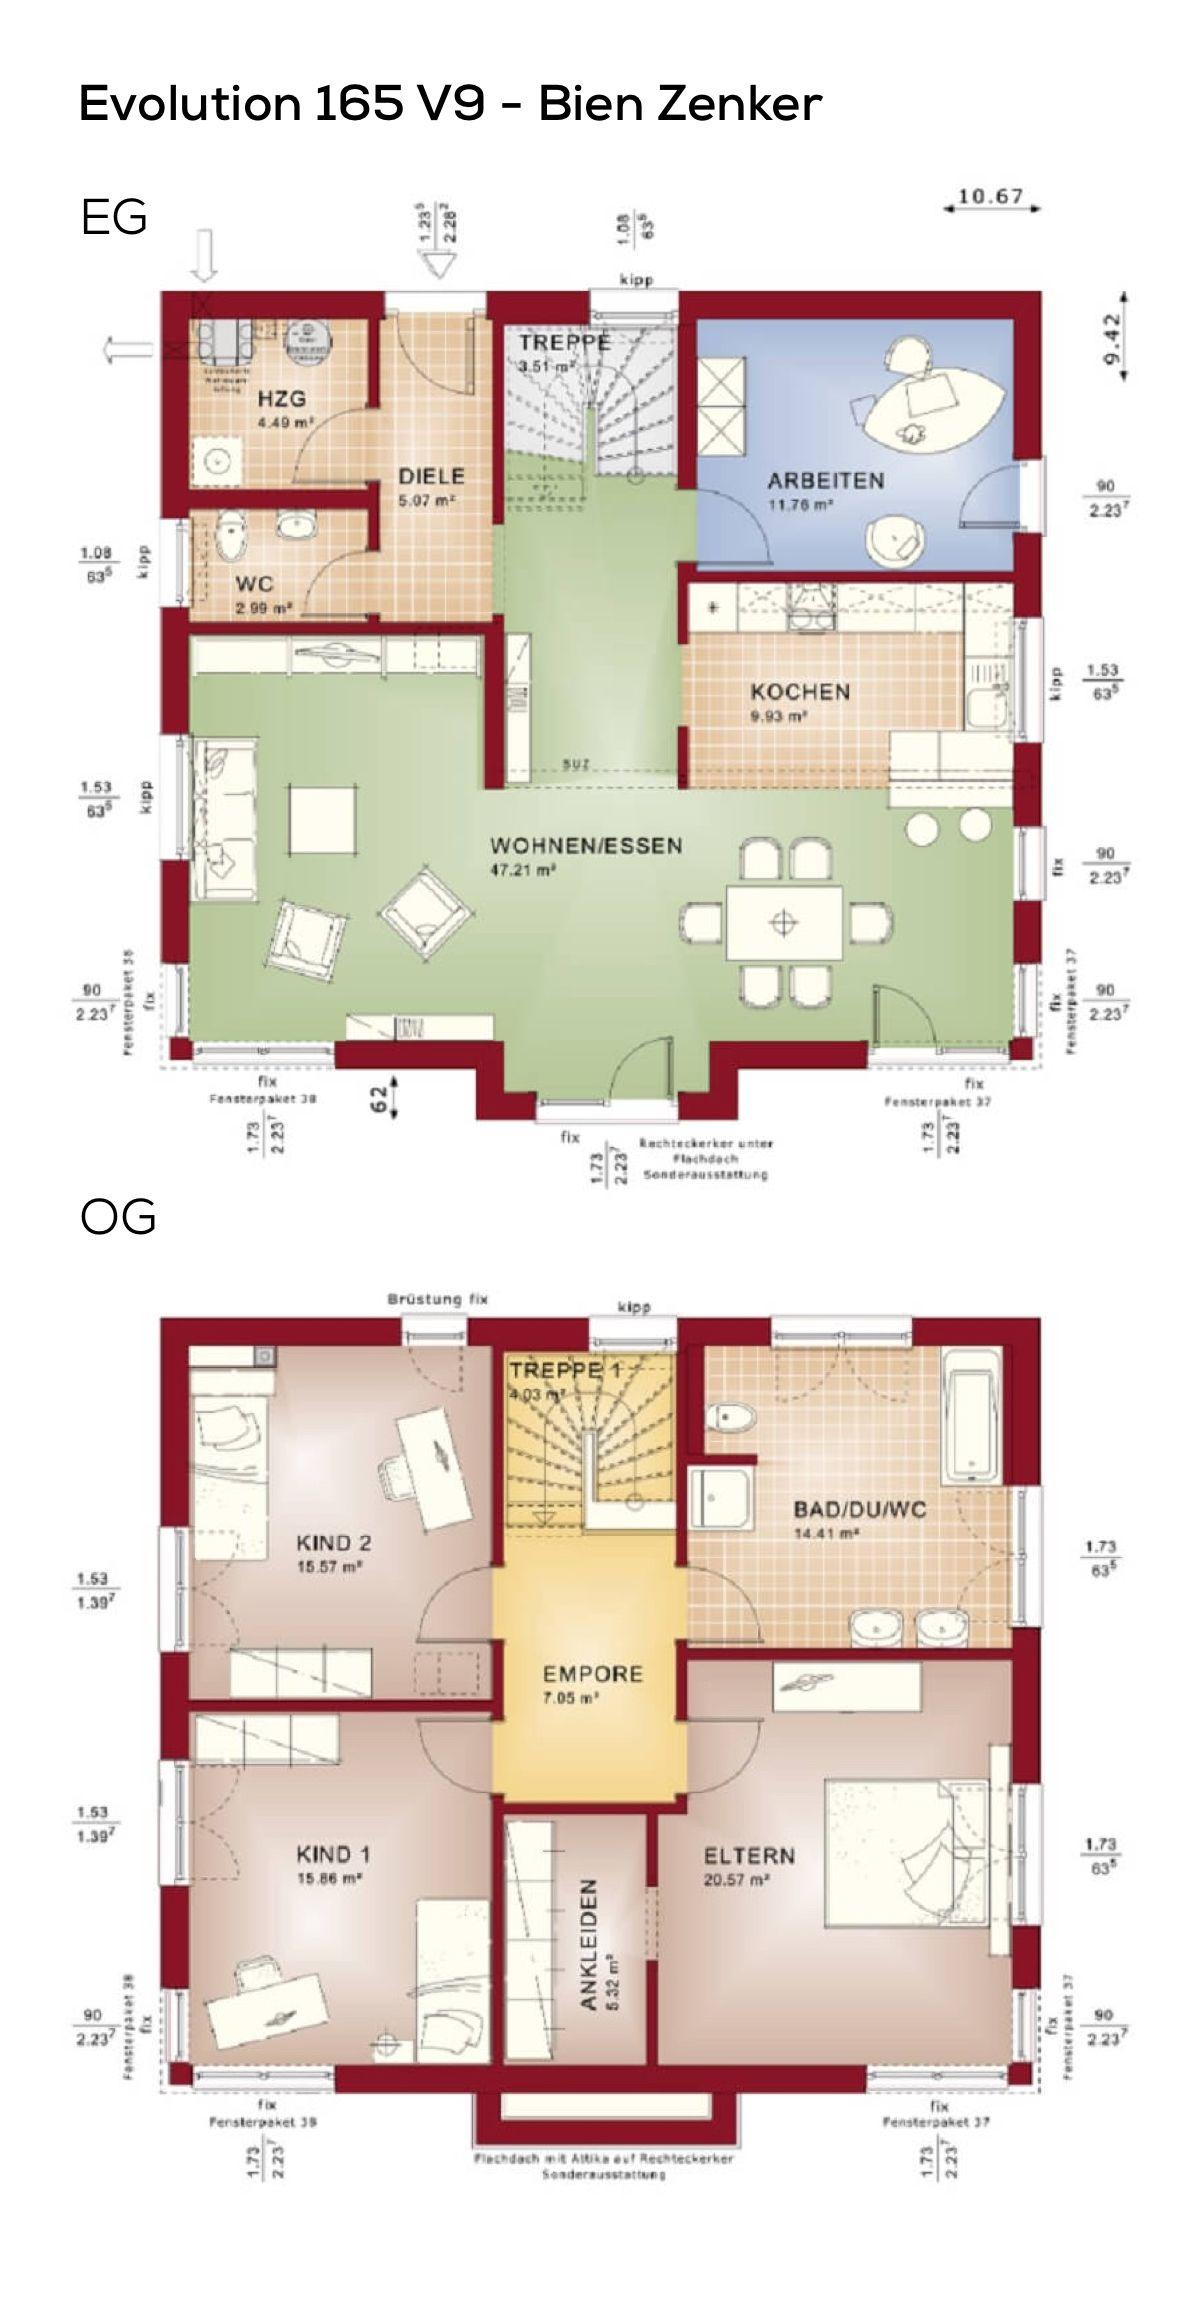 Grundriss Stadtvilla modern mit Flachdach Architektur 6